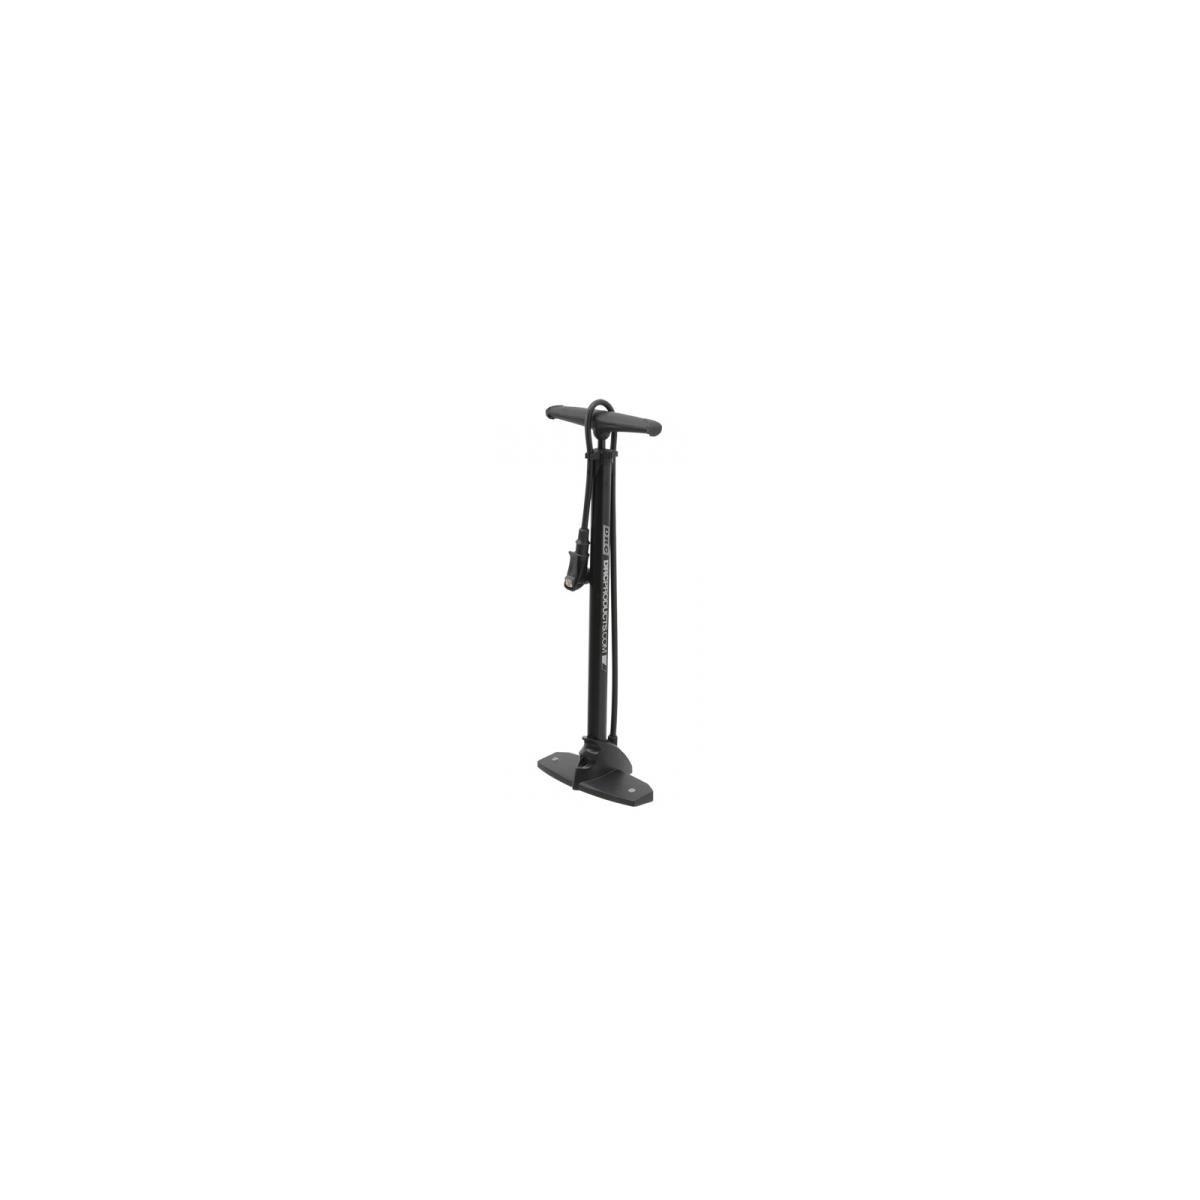 DRC Luftpumpe F501 Standluftpumpe für MX Bike und MTB